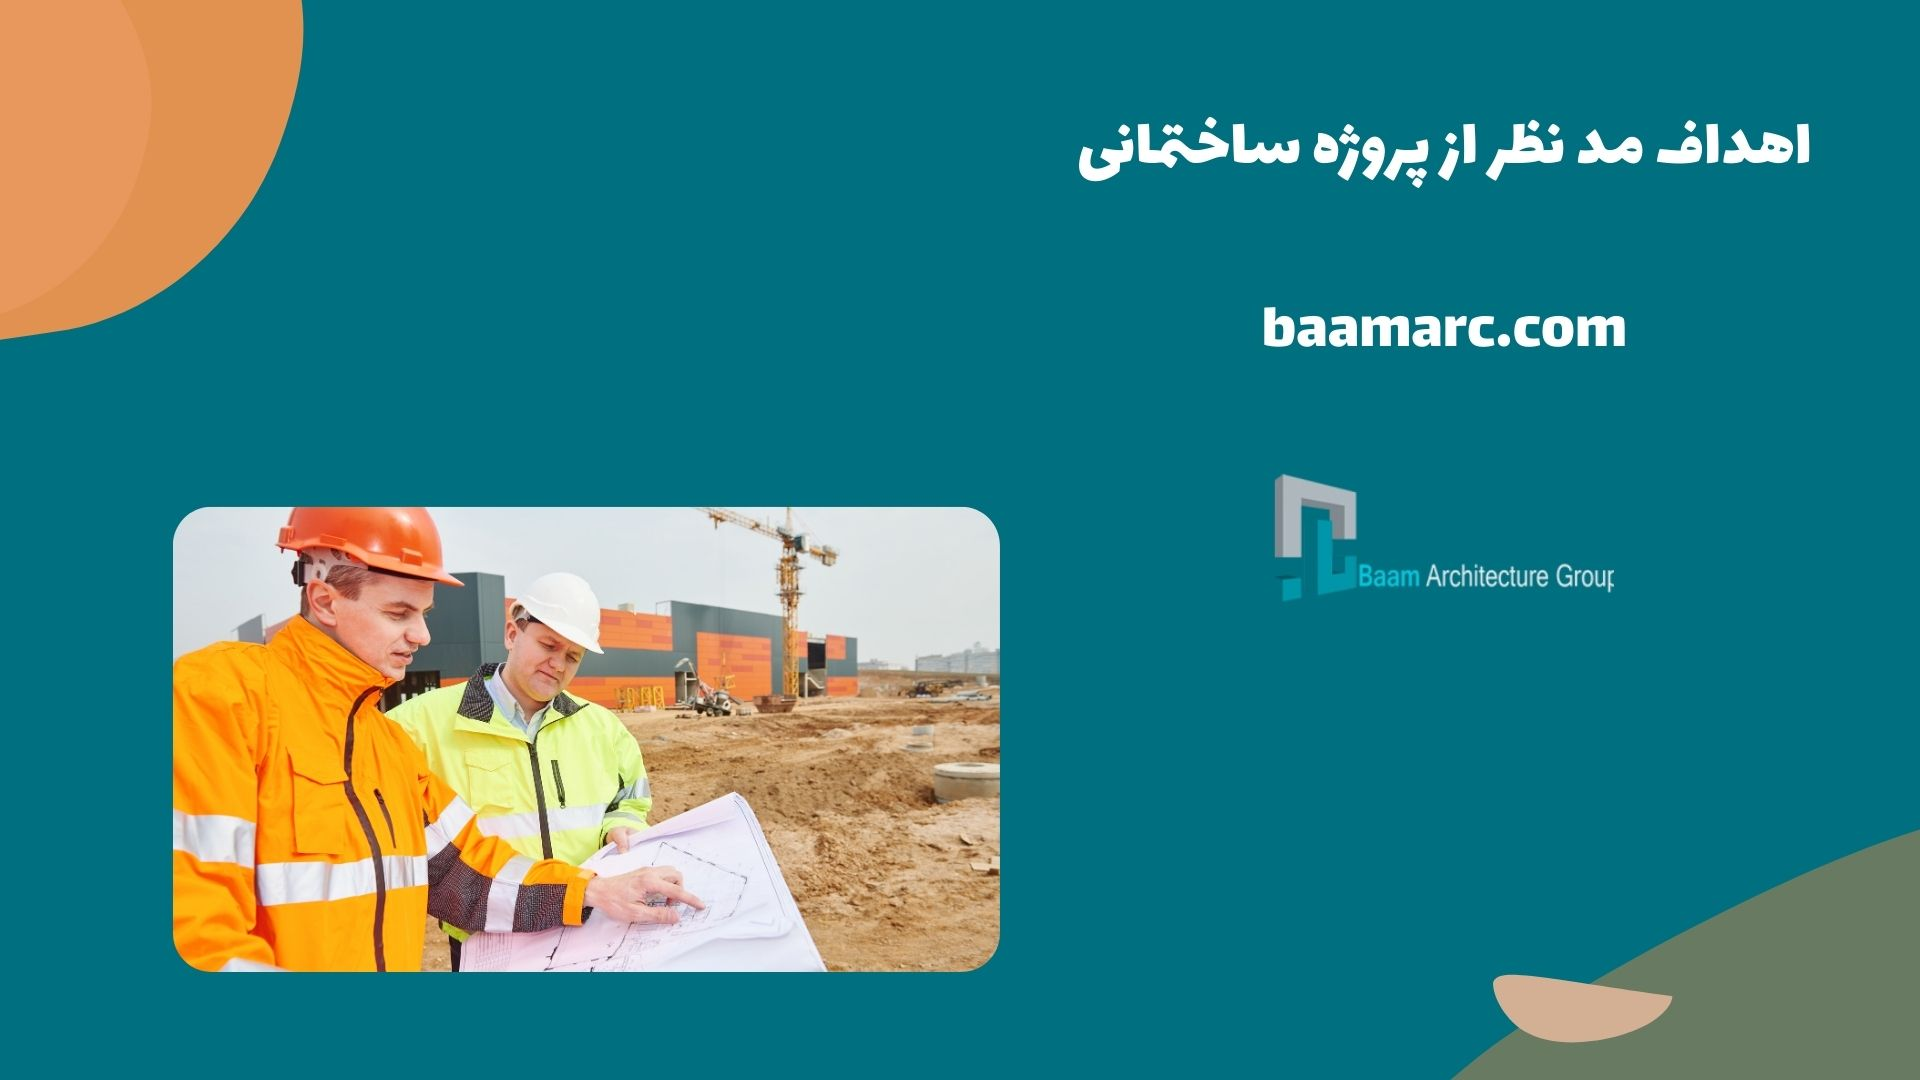 اهداف مد نظر از پروژه ساختمانی